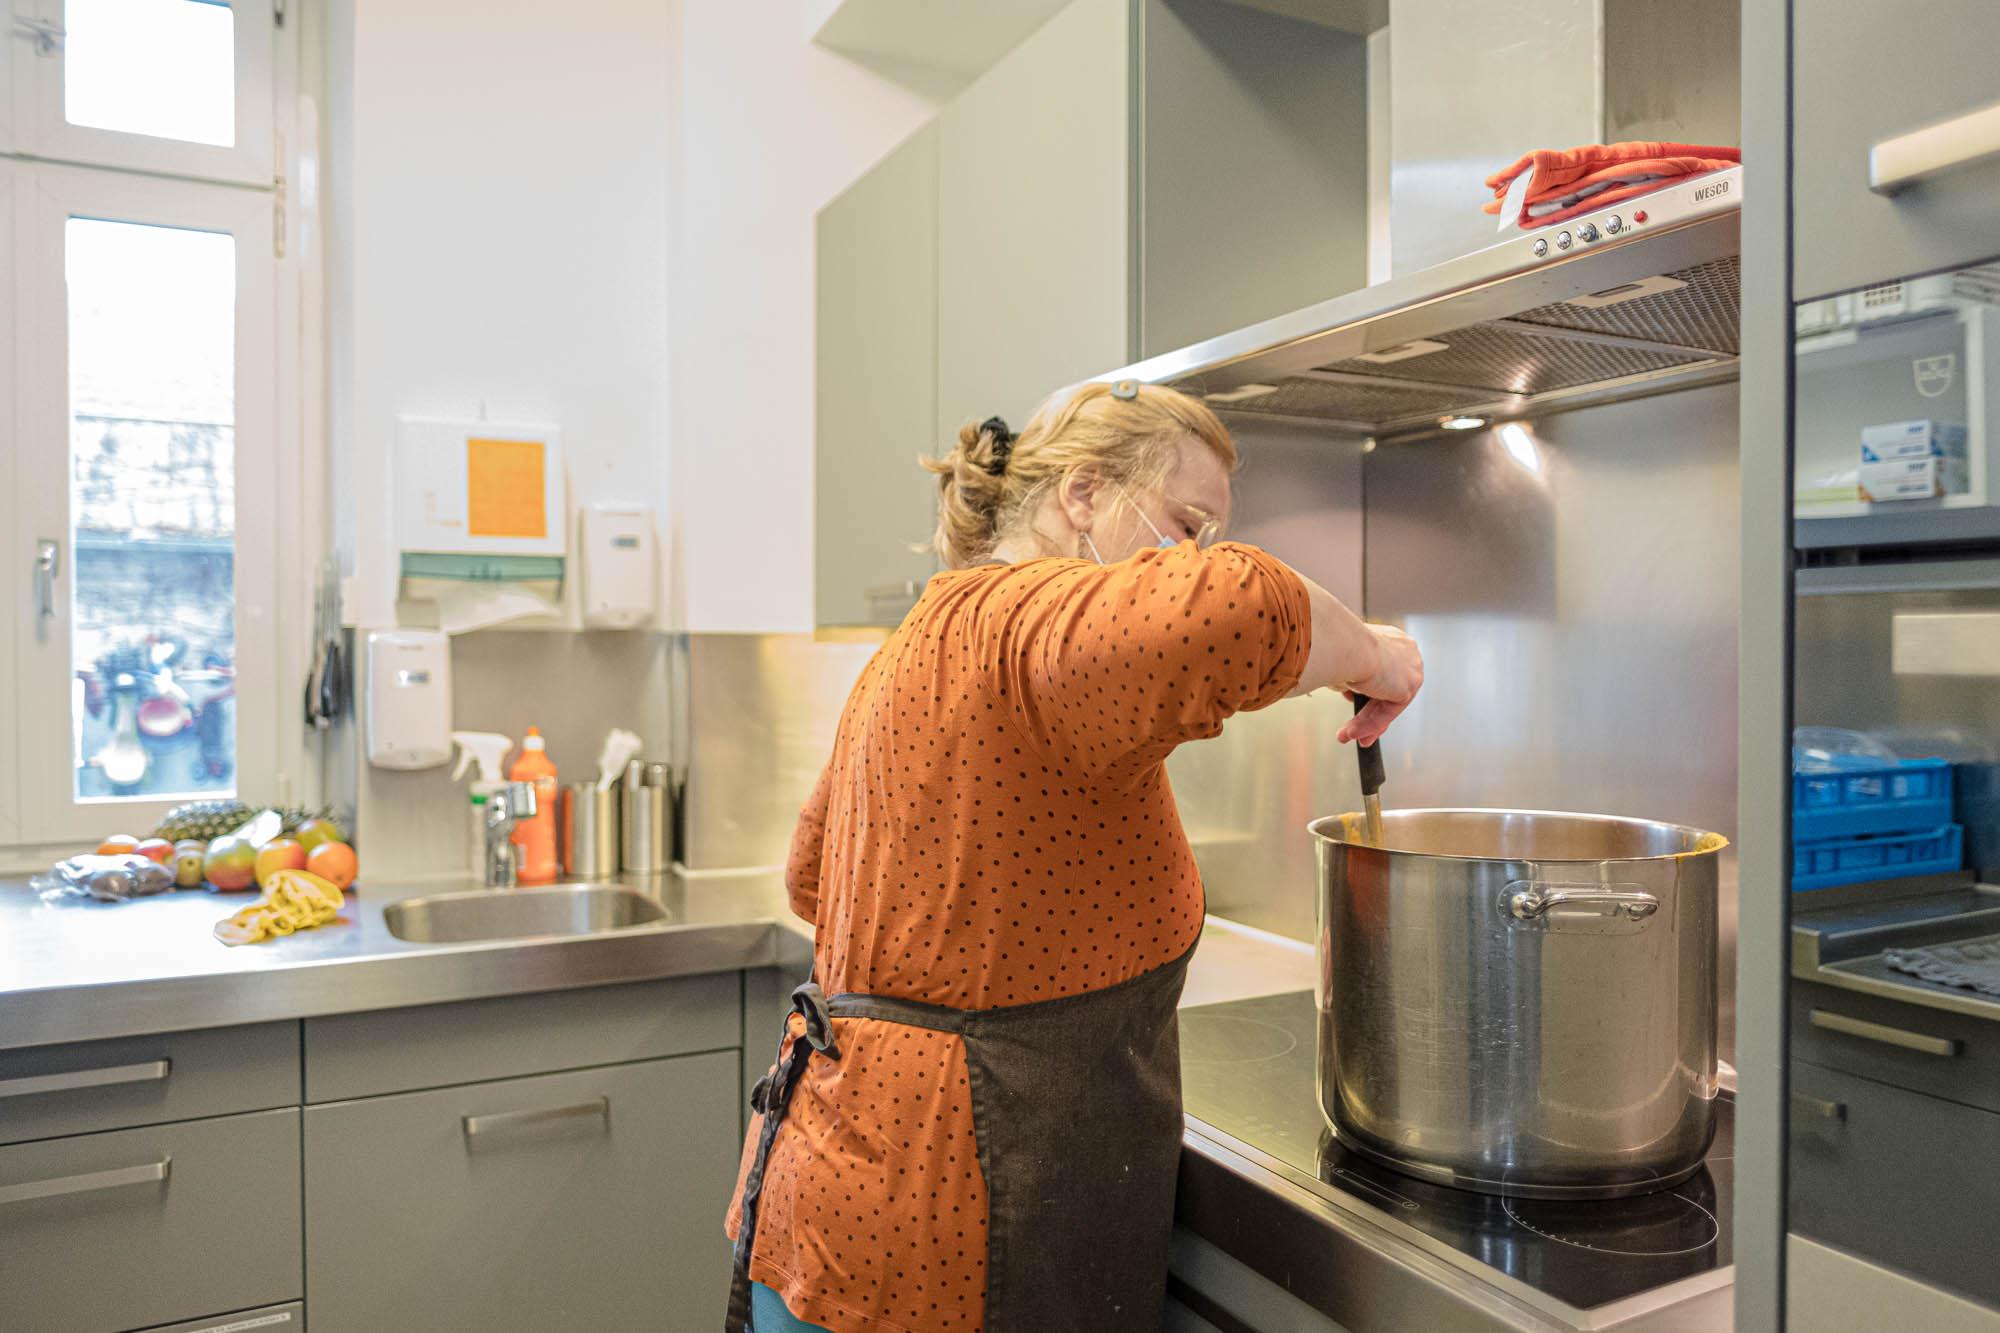 Köchin am Kochen